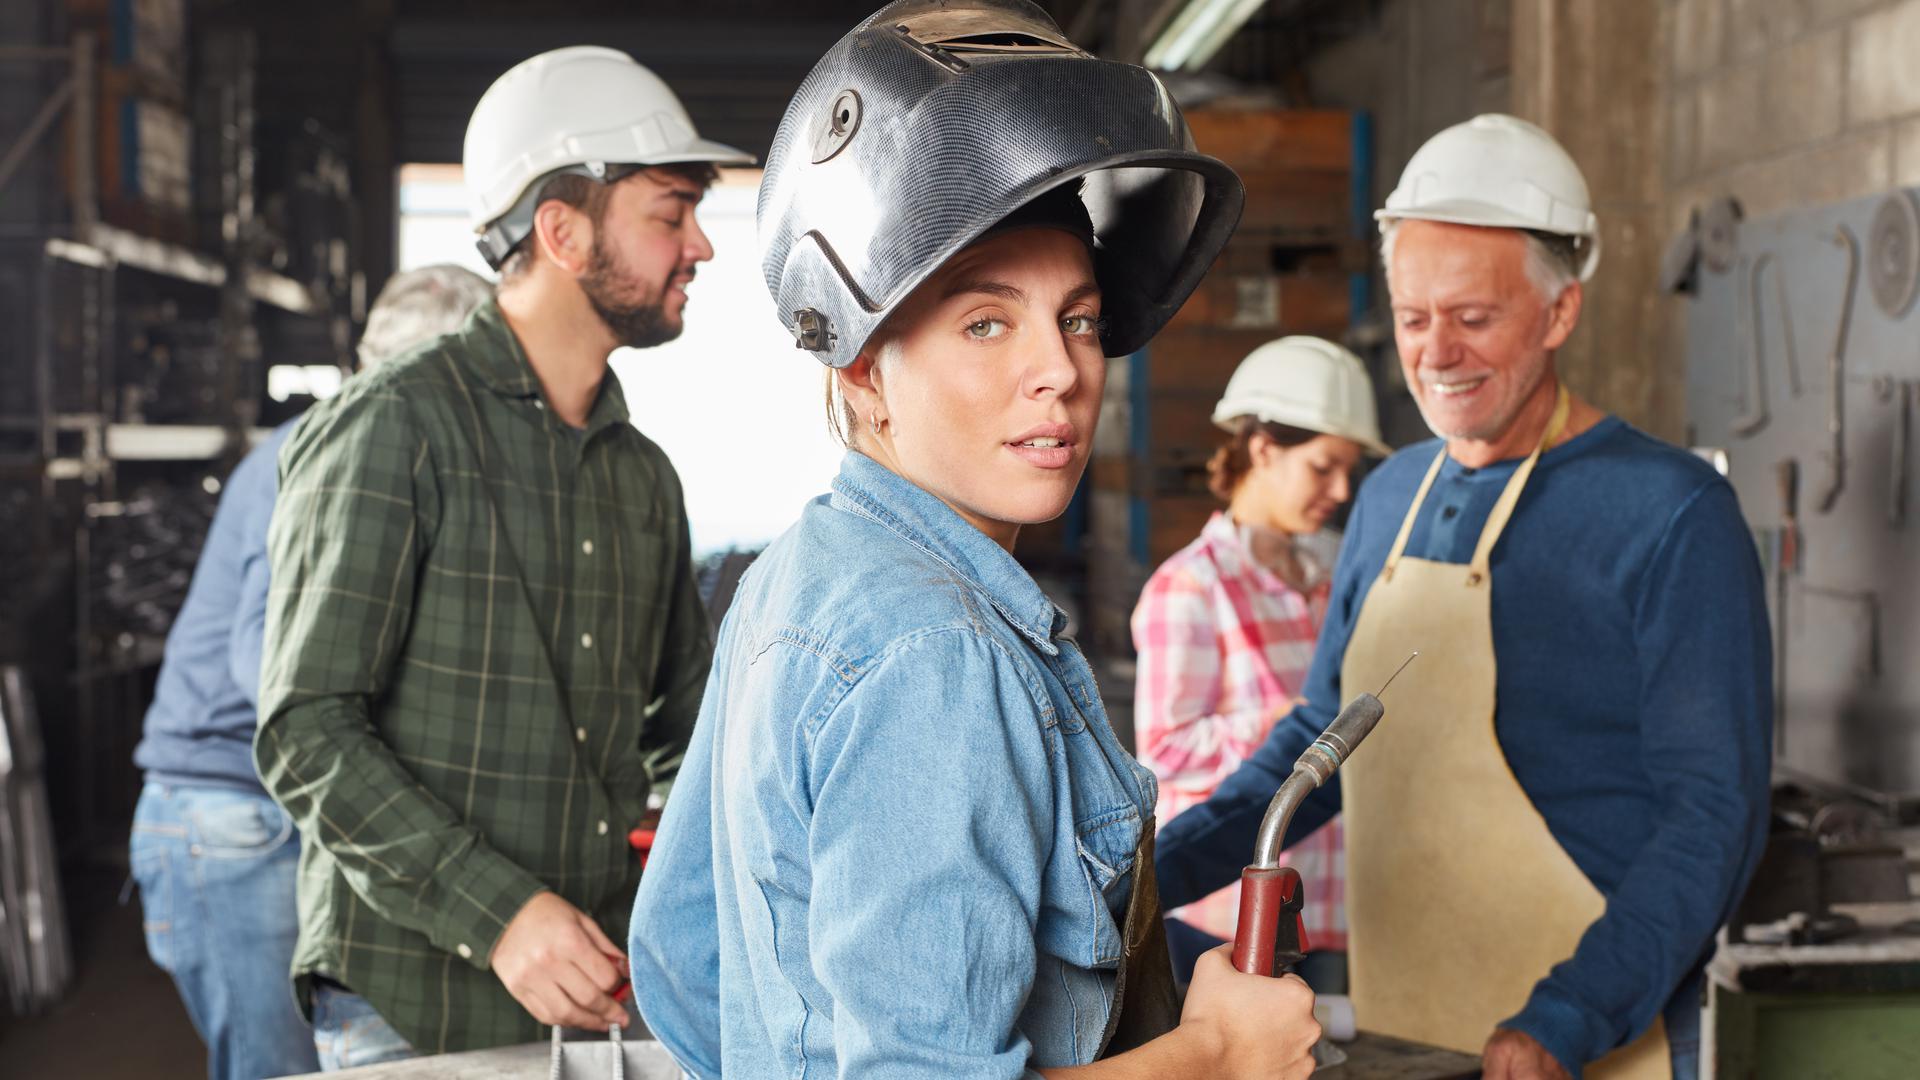 Junge Frau mit Schutzhelm macht eine Lehre als Schweißer in einem Industriebetrieb.